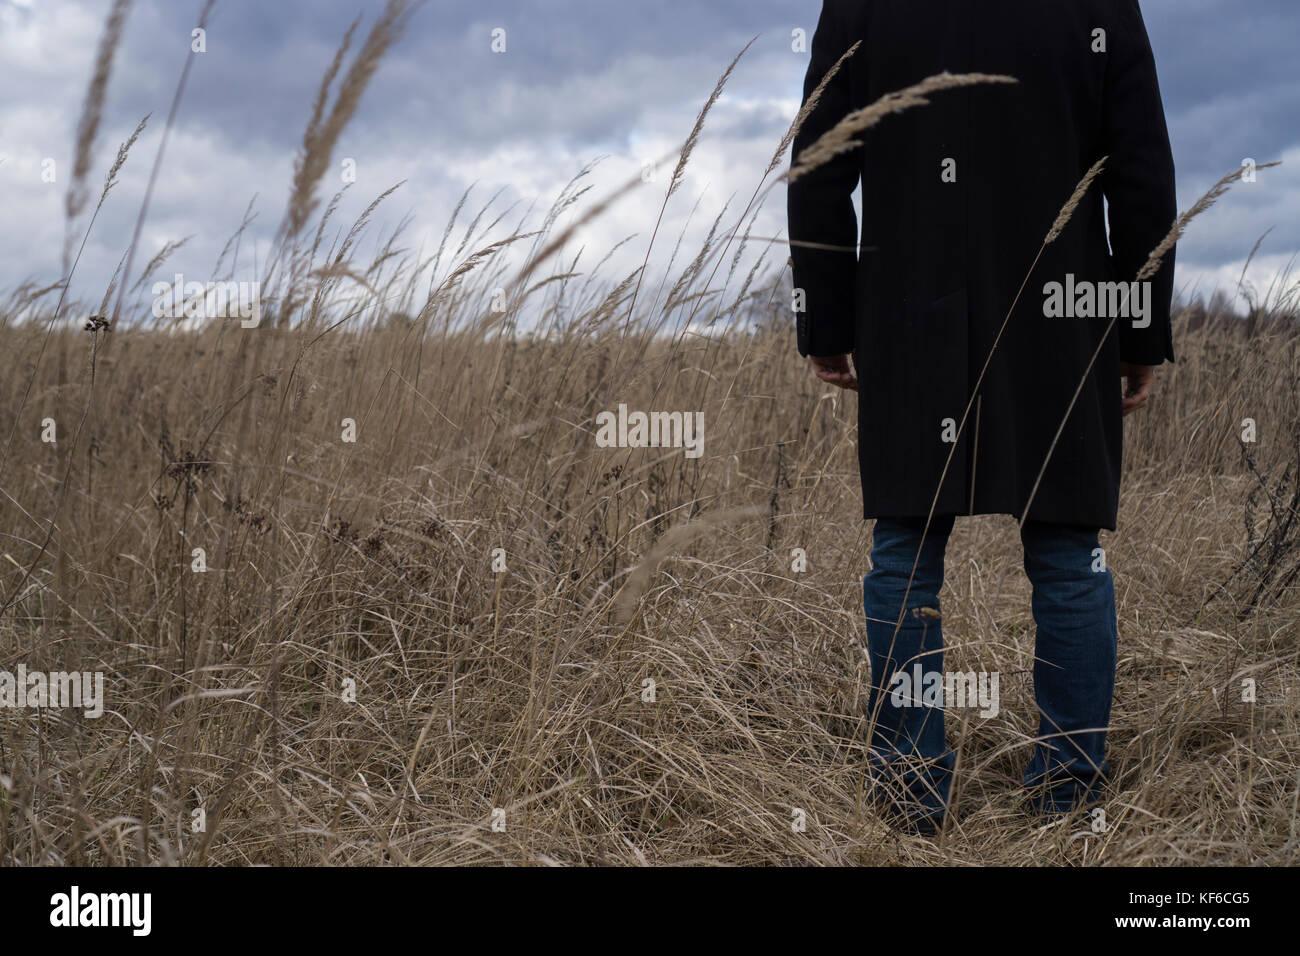 Retour close up d'un homme portant un manteau debout dans un champ Photo Stock